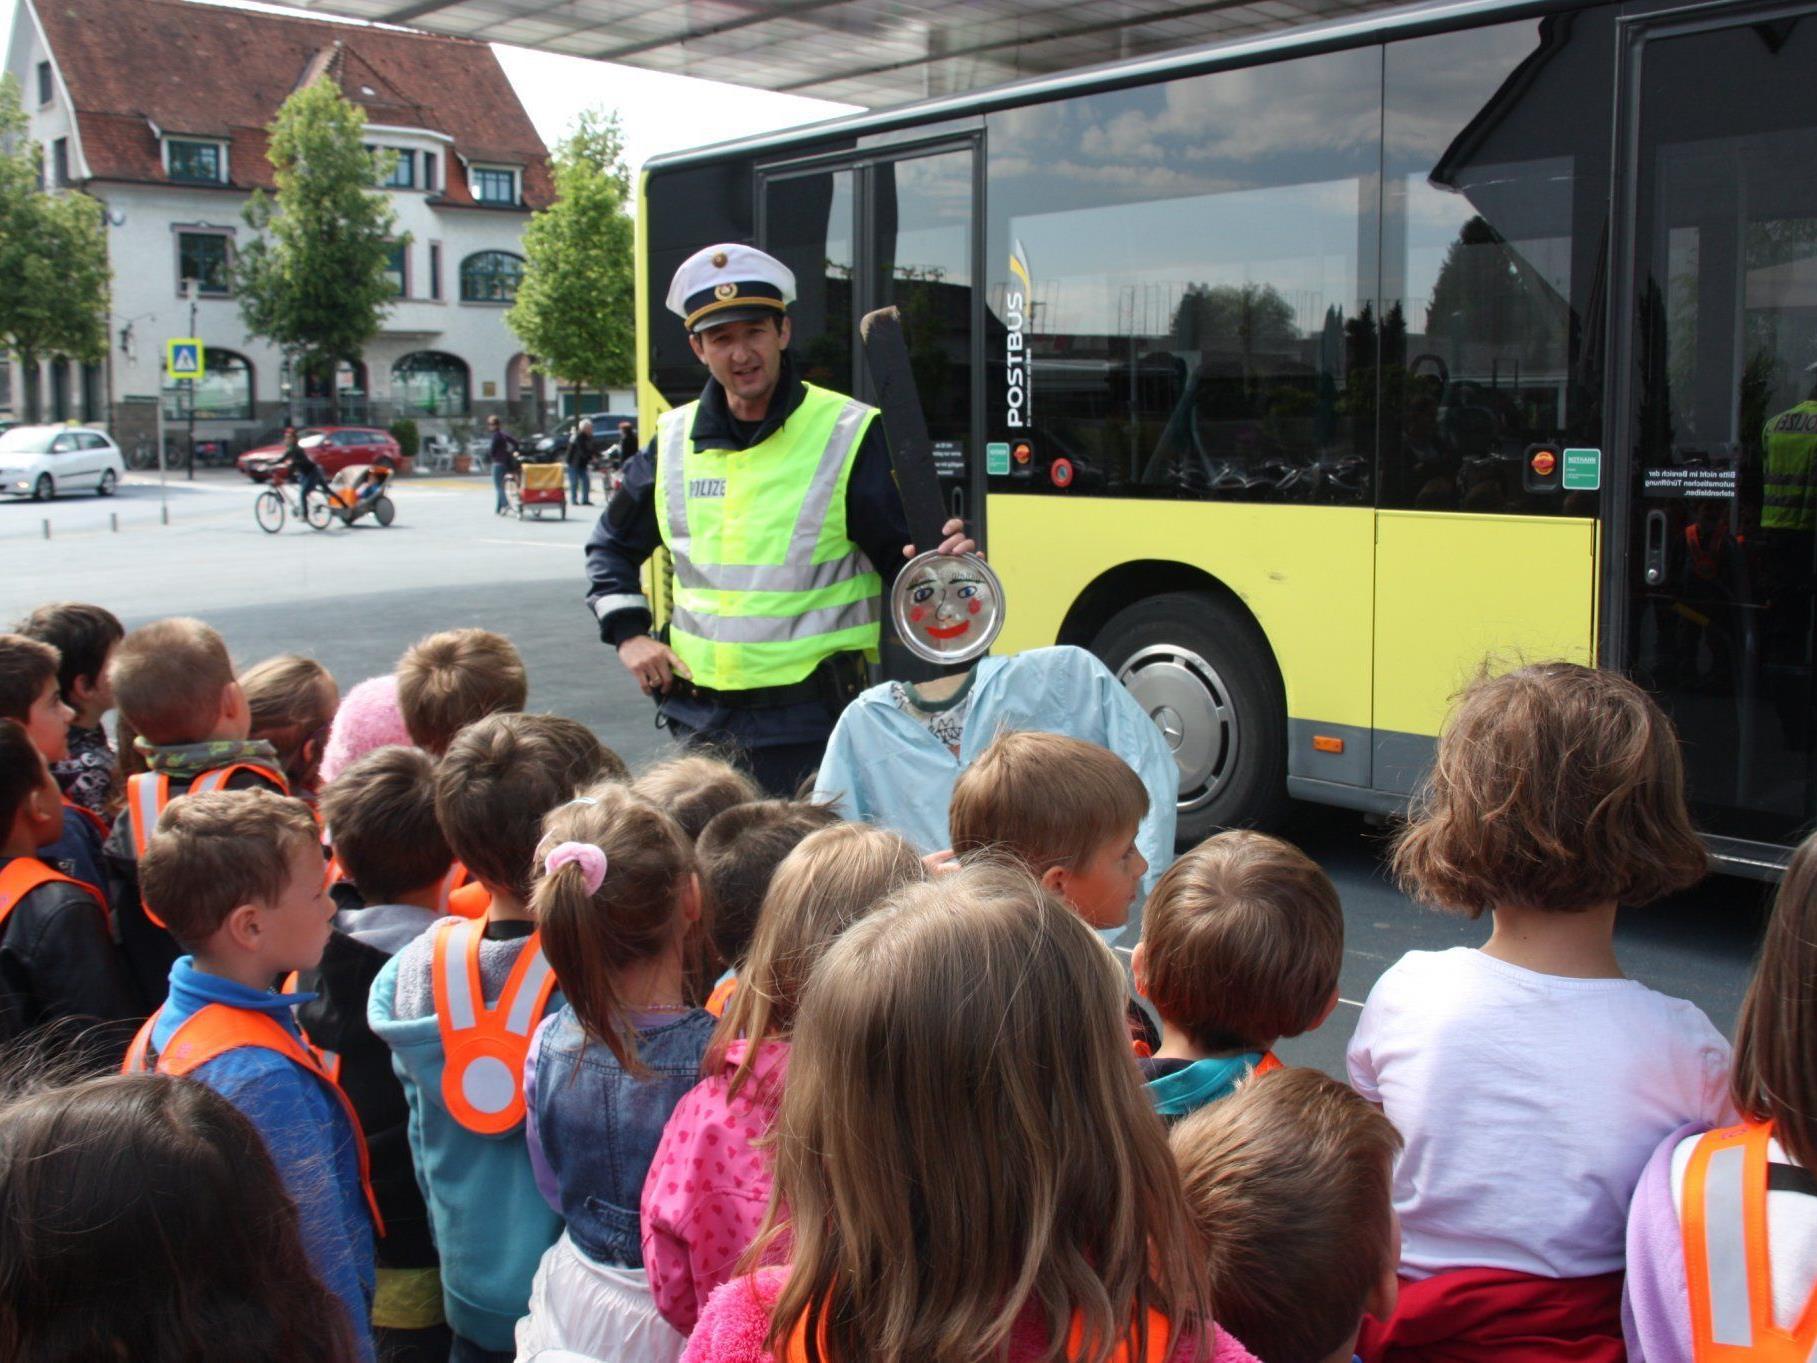 René Schreiber von der Lustenauer Sicherheitswache demonstrierte den Kindern, wie man sich beim Ein- und Aussteigen im Bus richtig verhält.